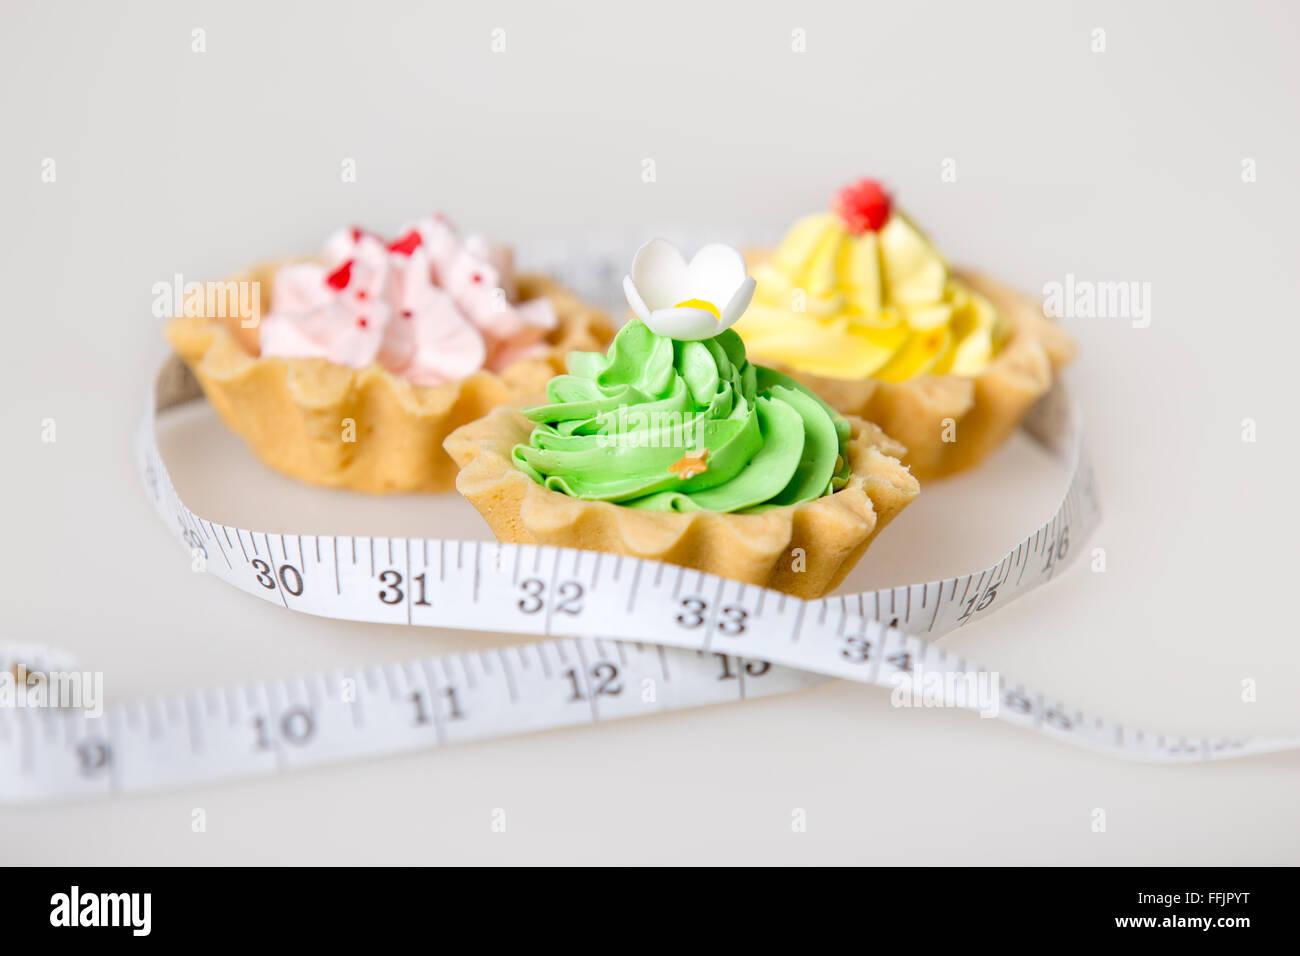 Drei bunte grüne, rosa und gelbe Torte Kuchen verpackt in Maßband auf weißem Hintergrund, ungesunden Stockbild